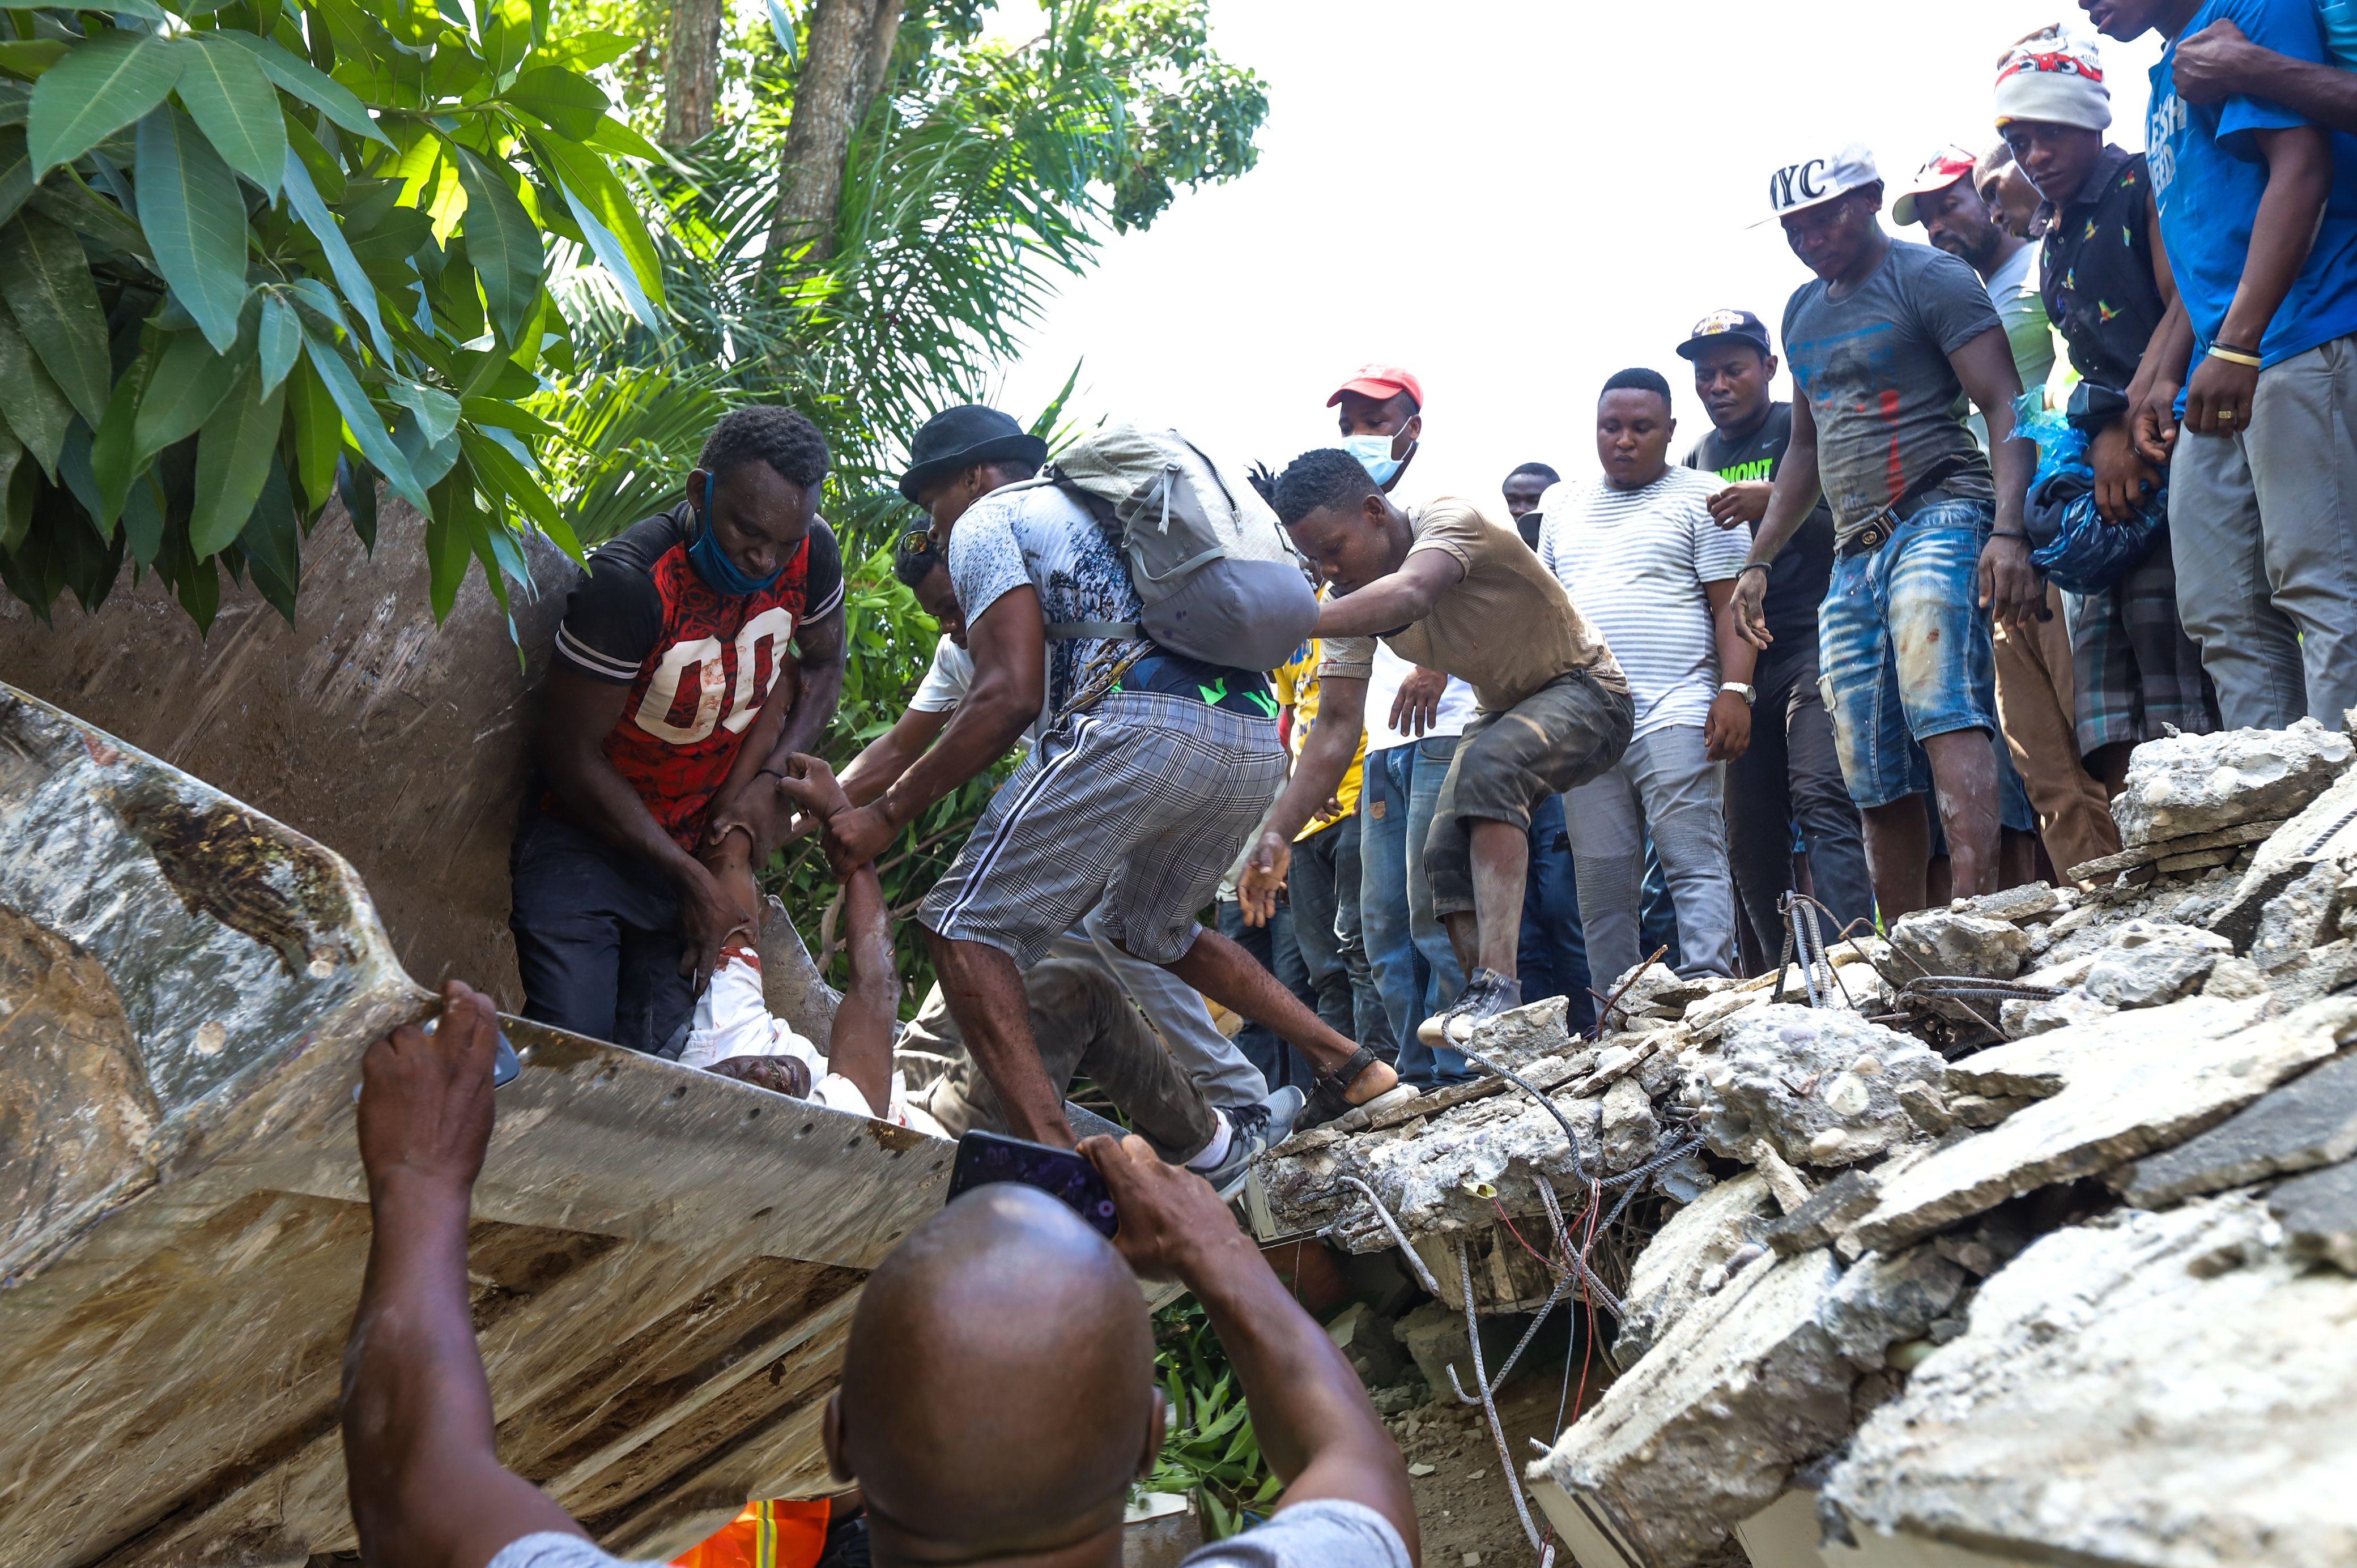 Aun se desconoce la magnitud real del sismo de ayer. Las autoridades temen cientos de victimas más